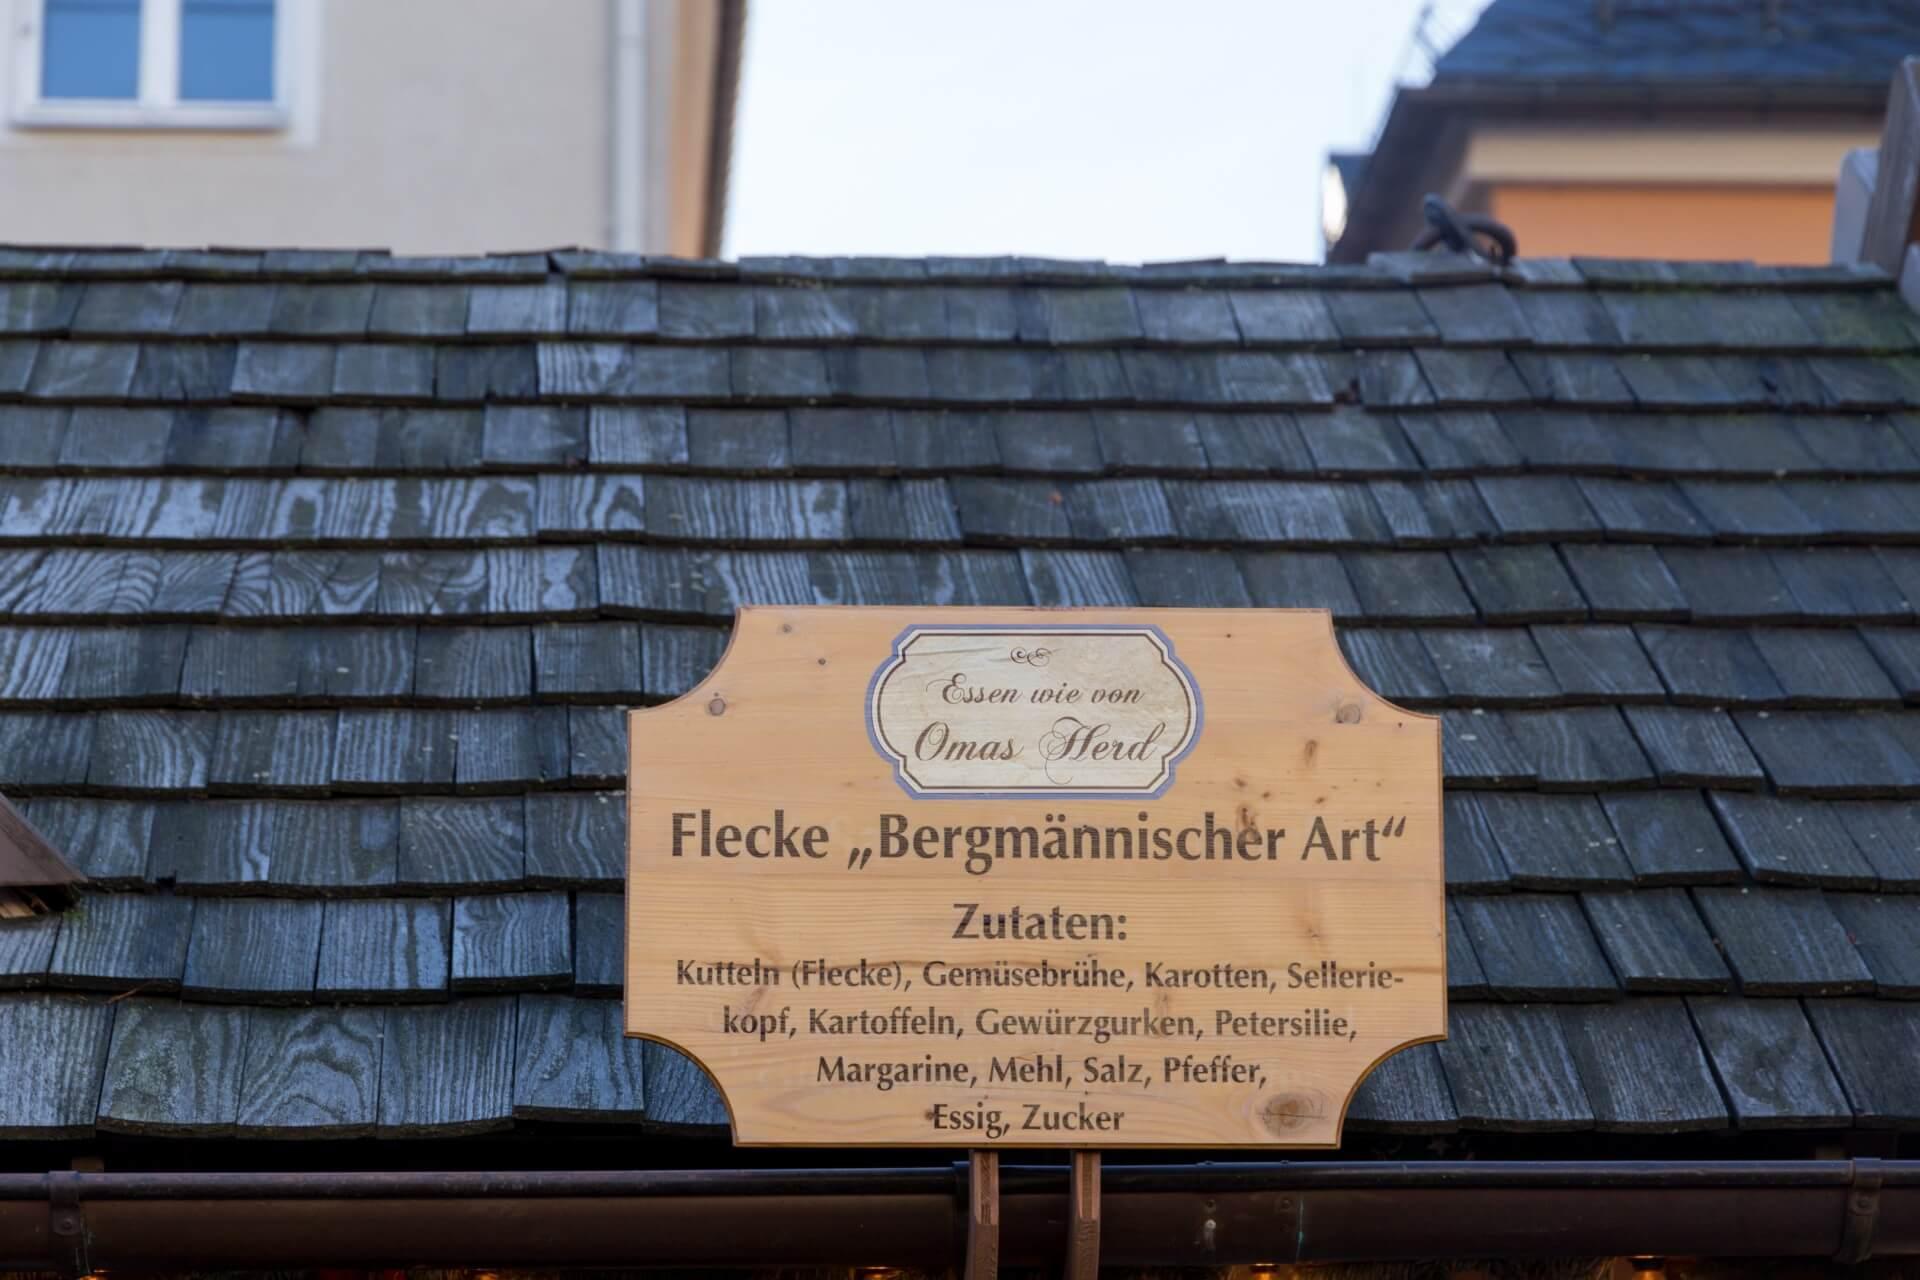 Flecke auf dem Weihnachtsmarkt Annaberg-Buchholz